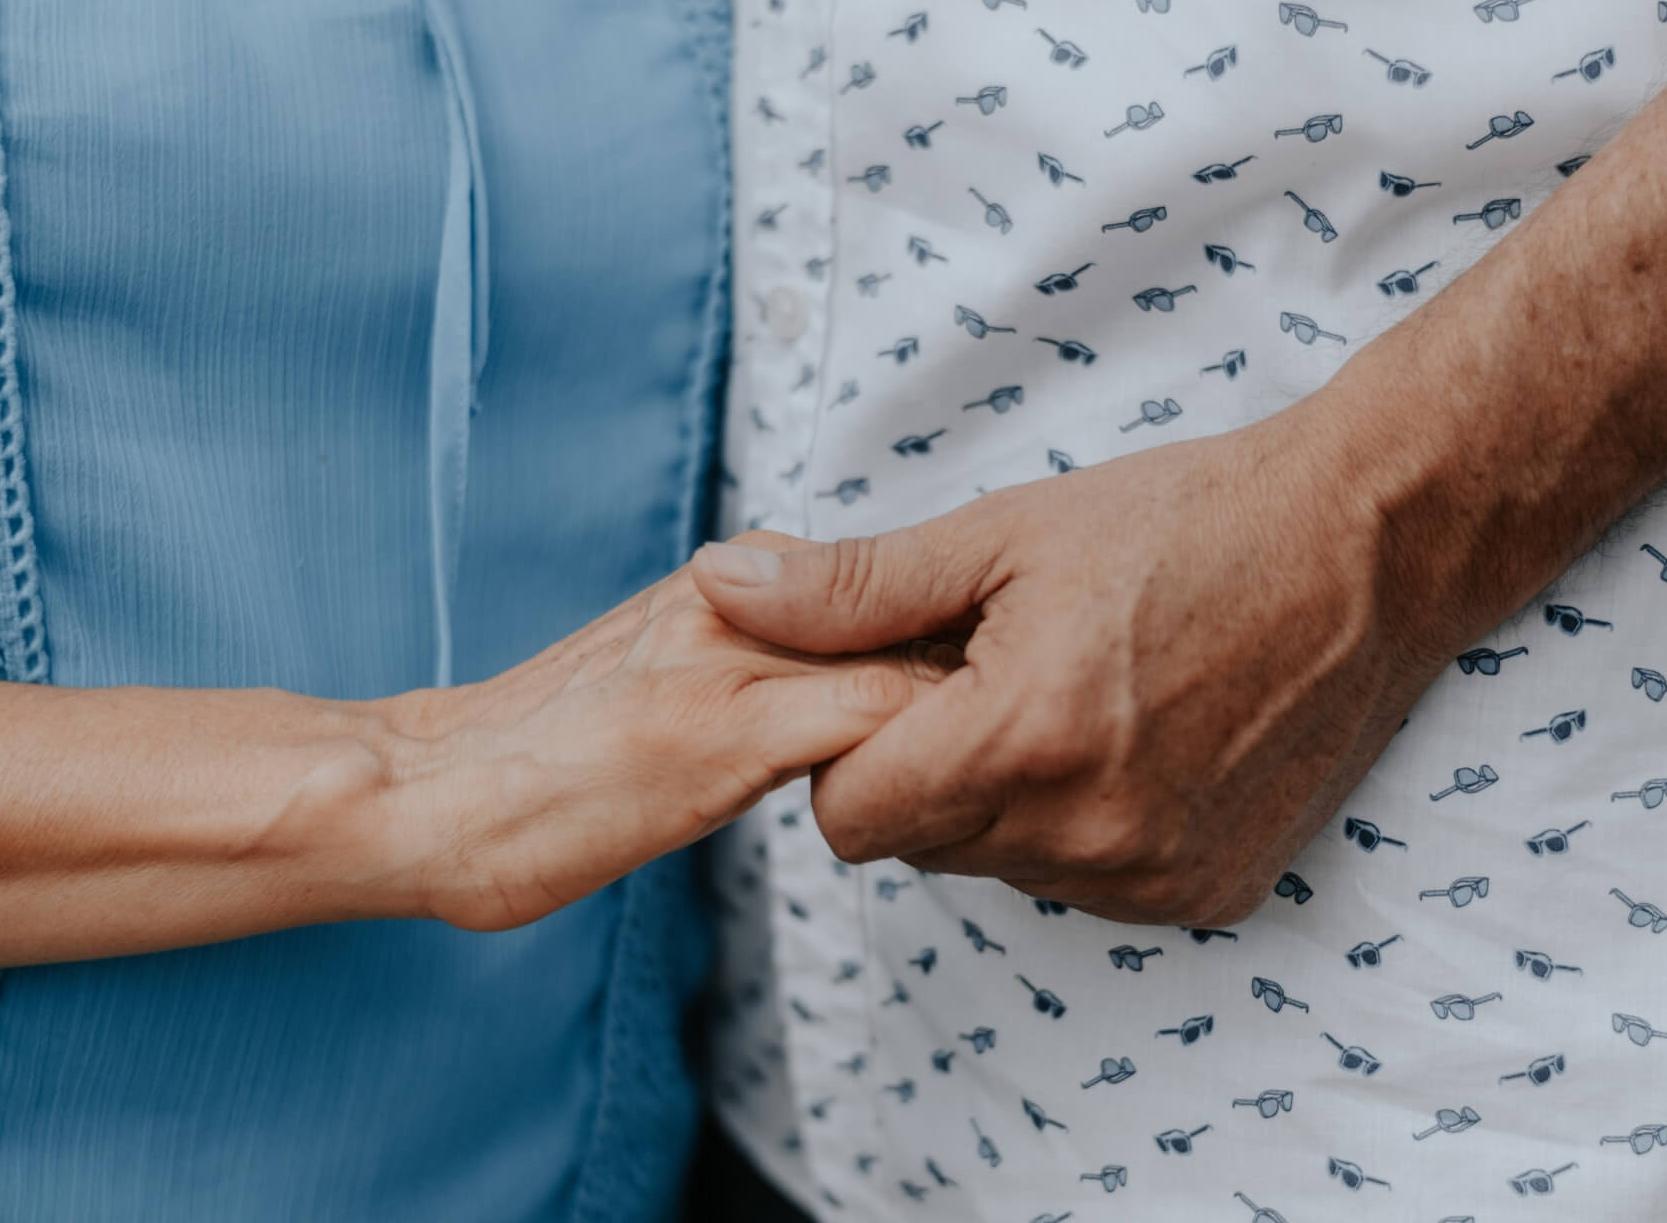 Síntomas, cuidadores y aislamiento: una pareja frente a la enfermedad de Alzheimer